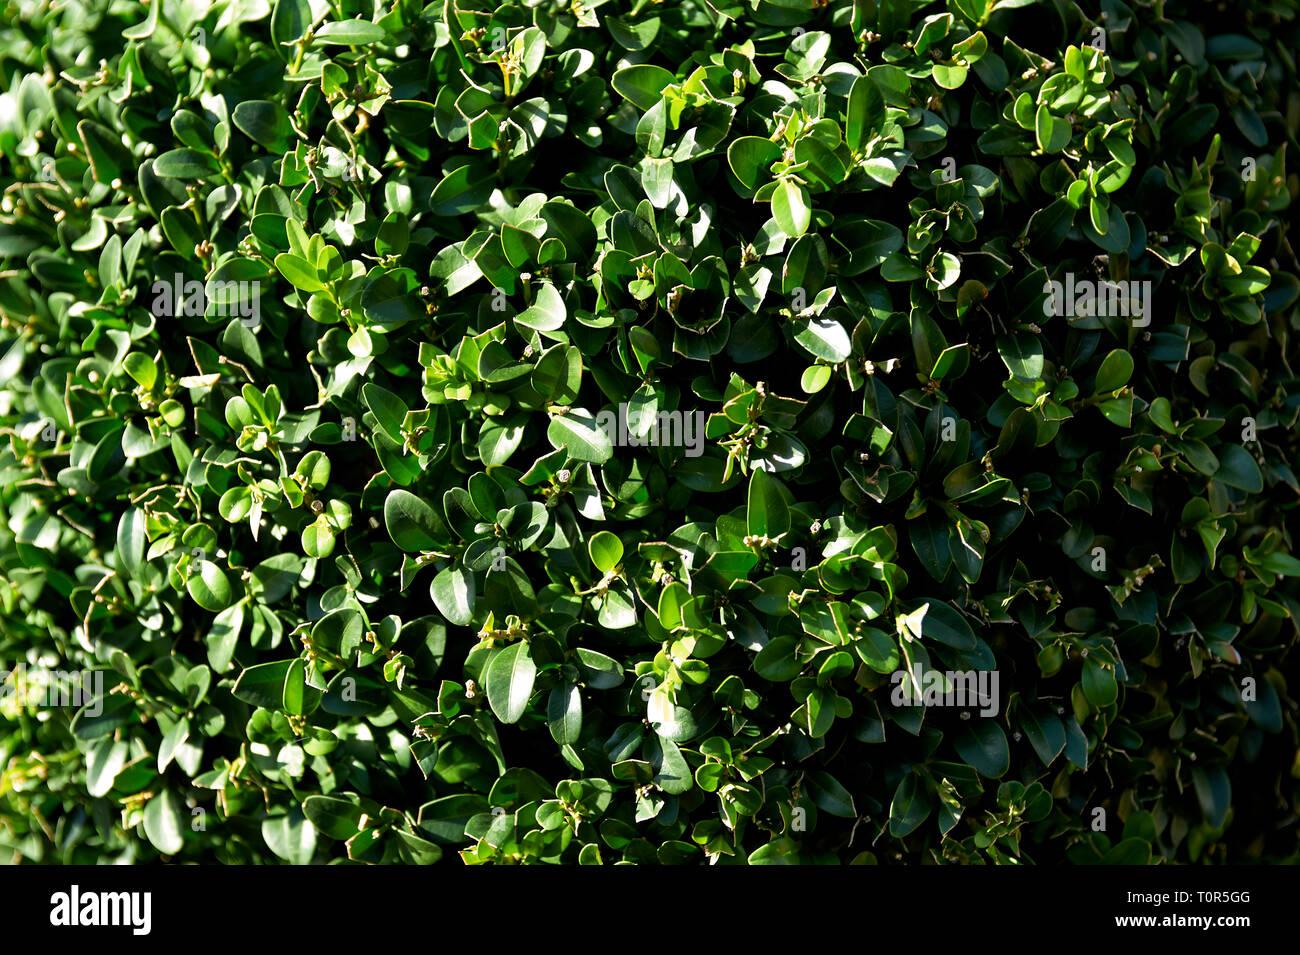 Eine gruene Hecke ist formatfuellend aufgnommen worden. Sie wird von der linken Seite her von der Sonne beleuchtet. - Stock Image